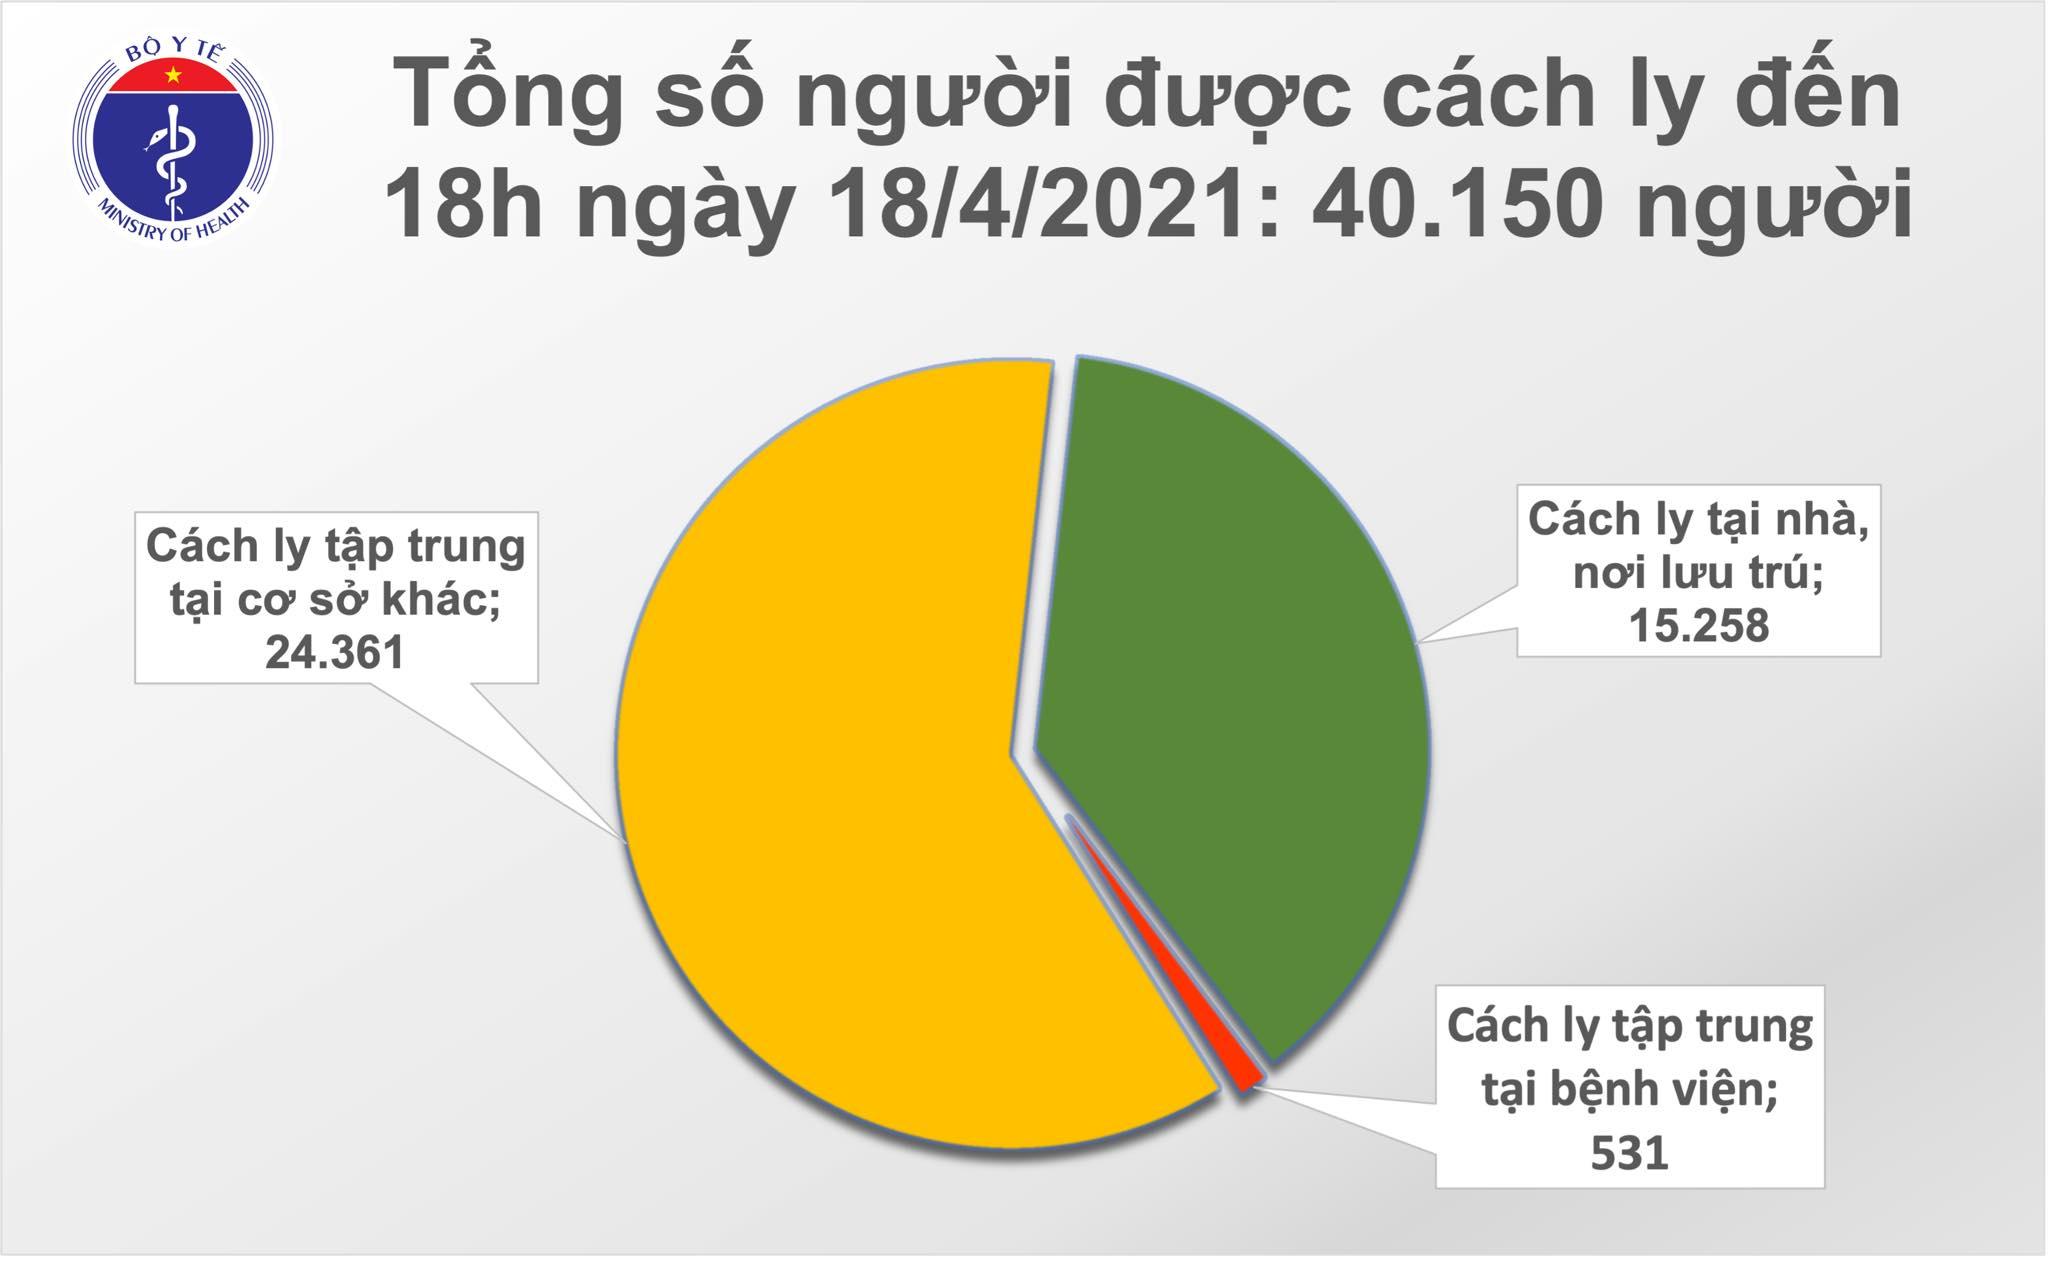 Chiều 18/4: Thêm 3 ca mắc COVID-19 tại Hoà Bình, Bắc Ninh và Khánh Hoà 1